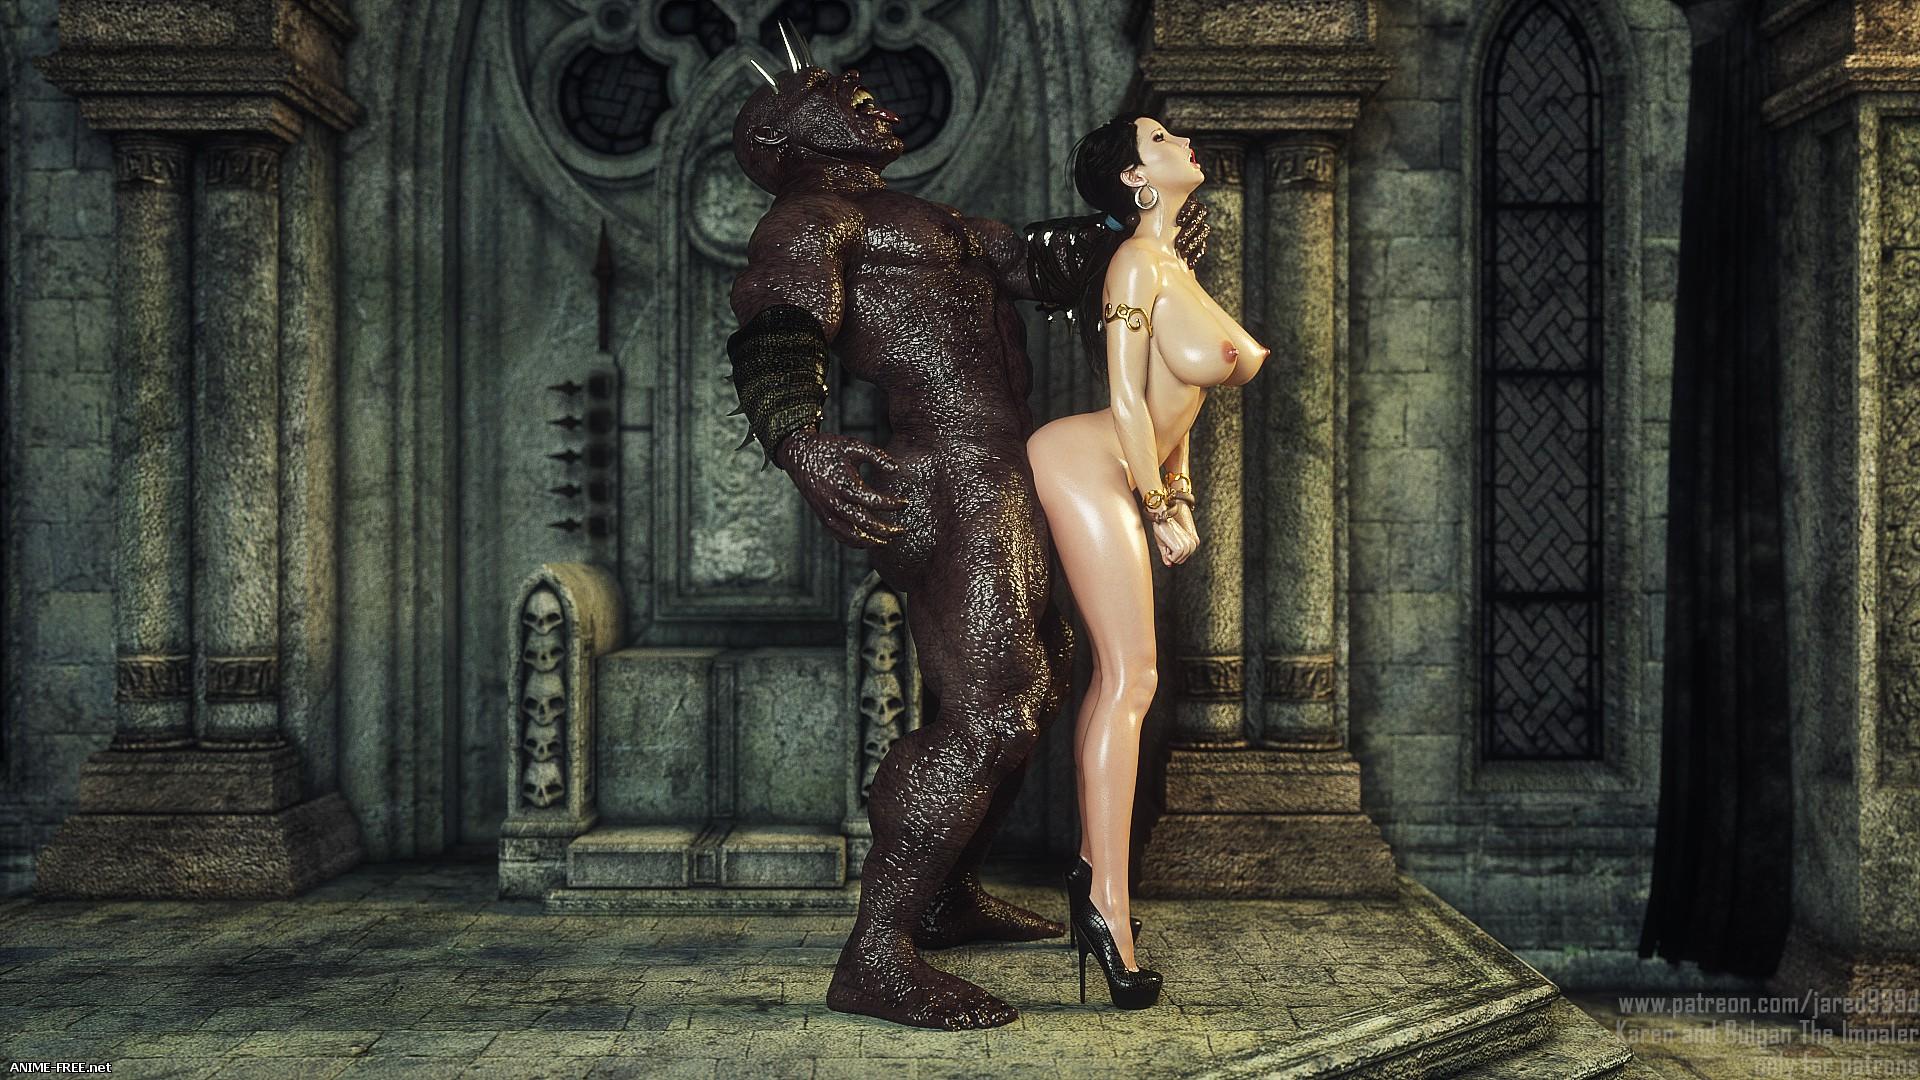 Karen and Bulgan the Impaler [Uncen] [3DCG] [ENG] Porn Comics